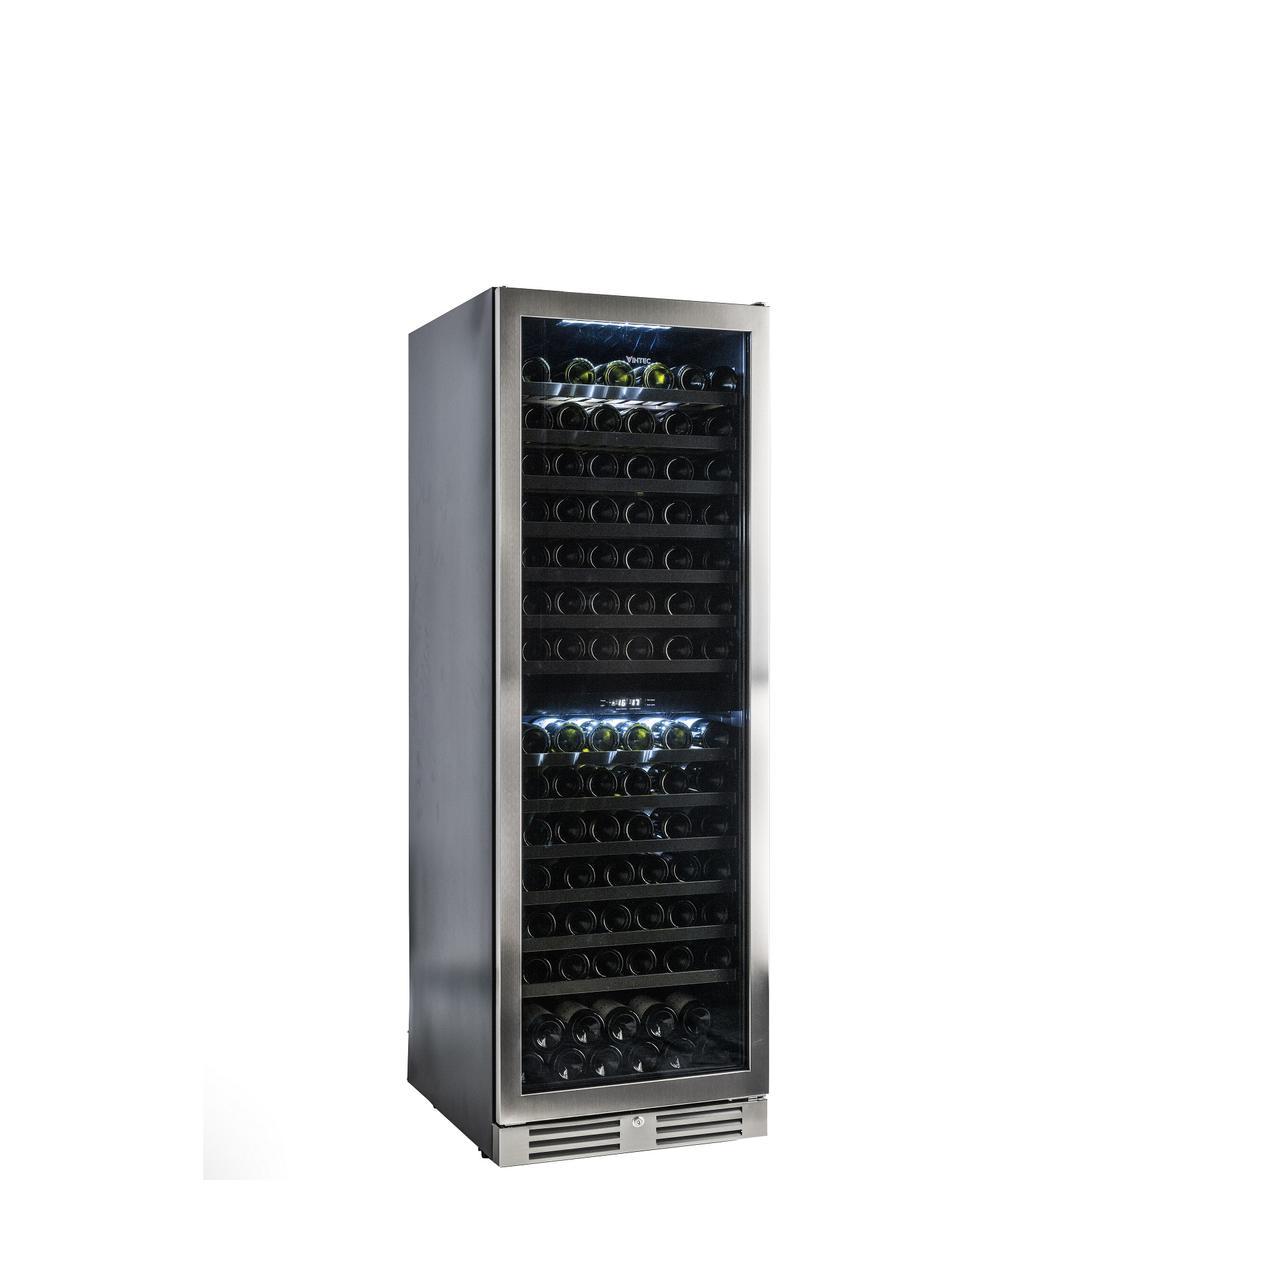 画像: 「ヴァンテック」の2温度帯ワインセラー 『VD154』